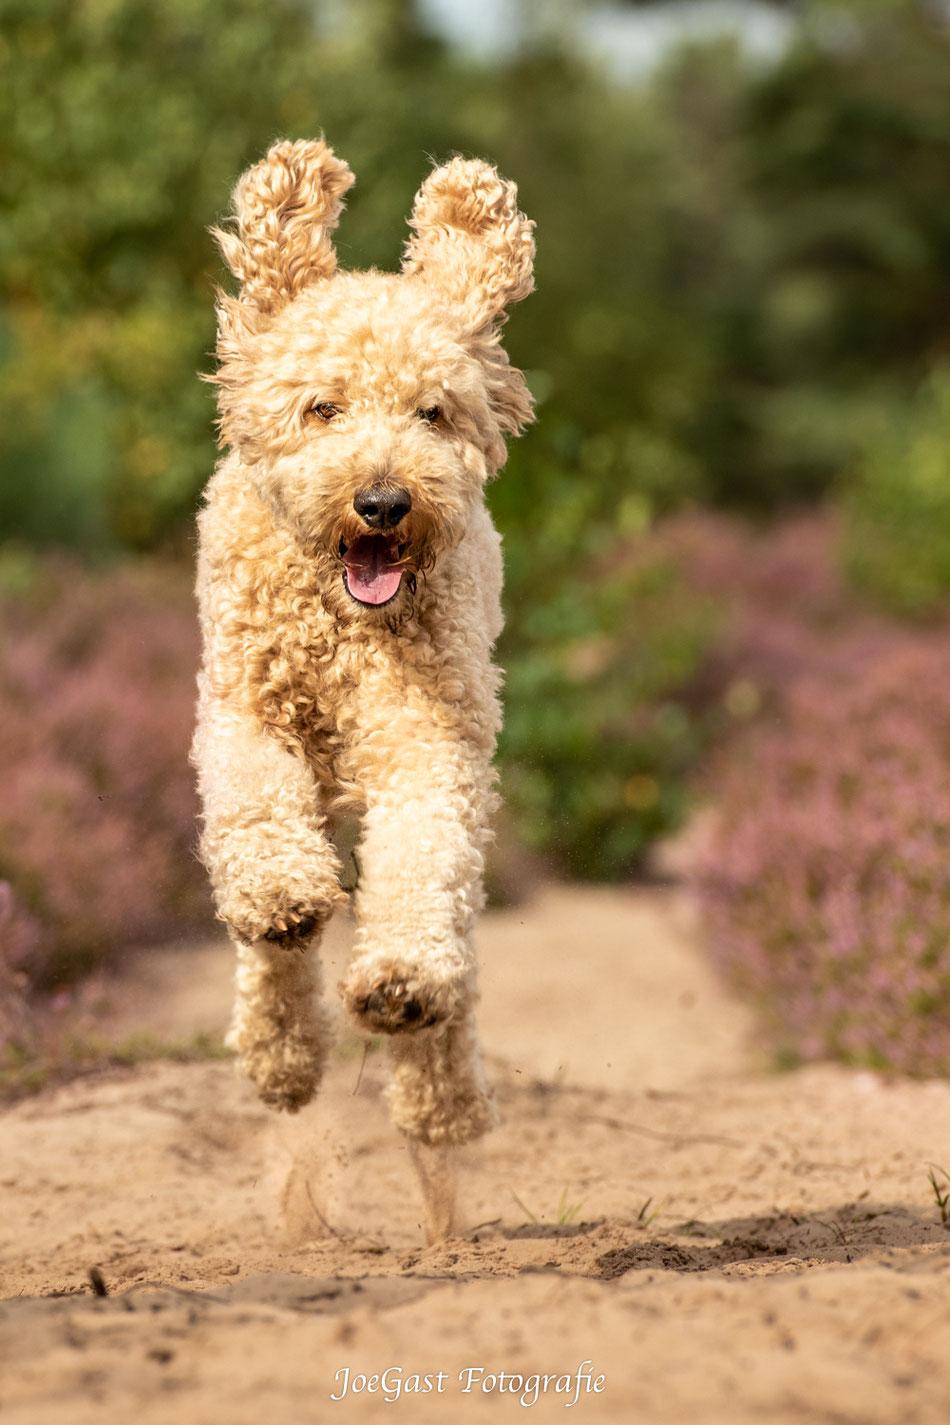 Sabine Hoffmann-Hundetrainerin. Um auf die Homepage zu kommen einfach aufs Bild klicken.